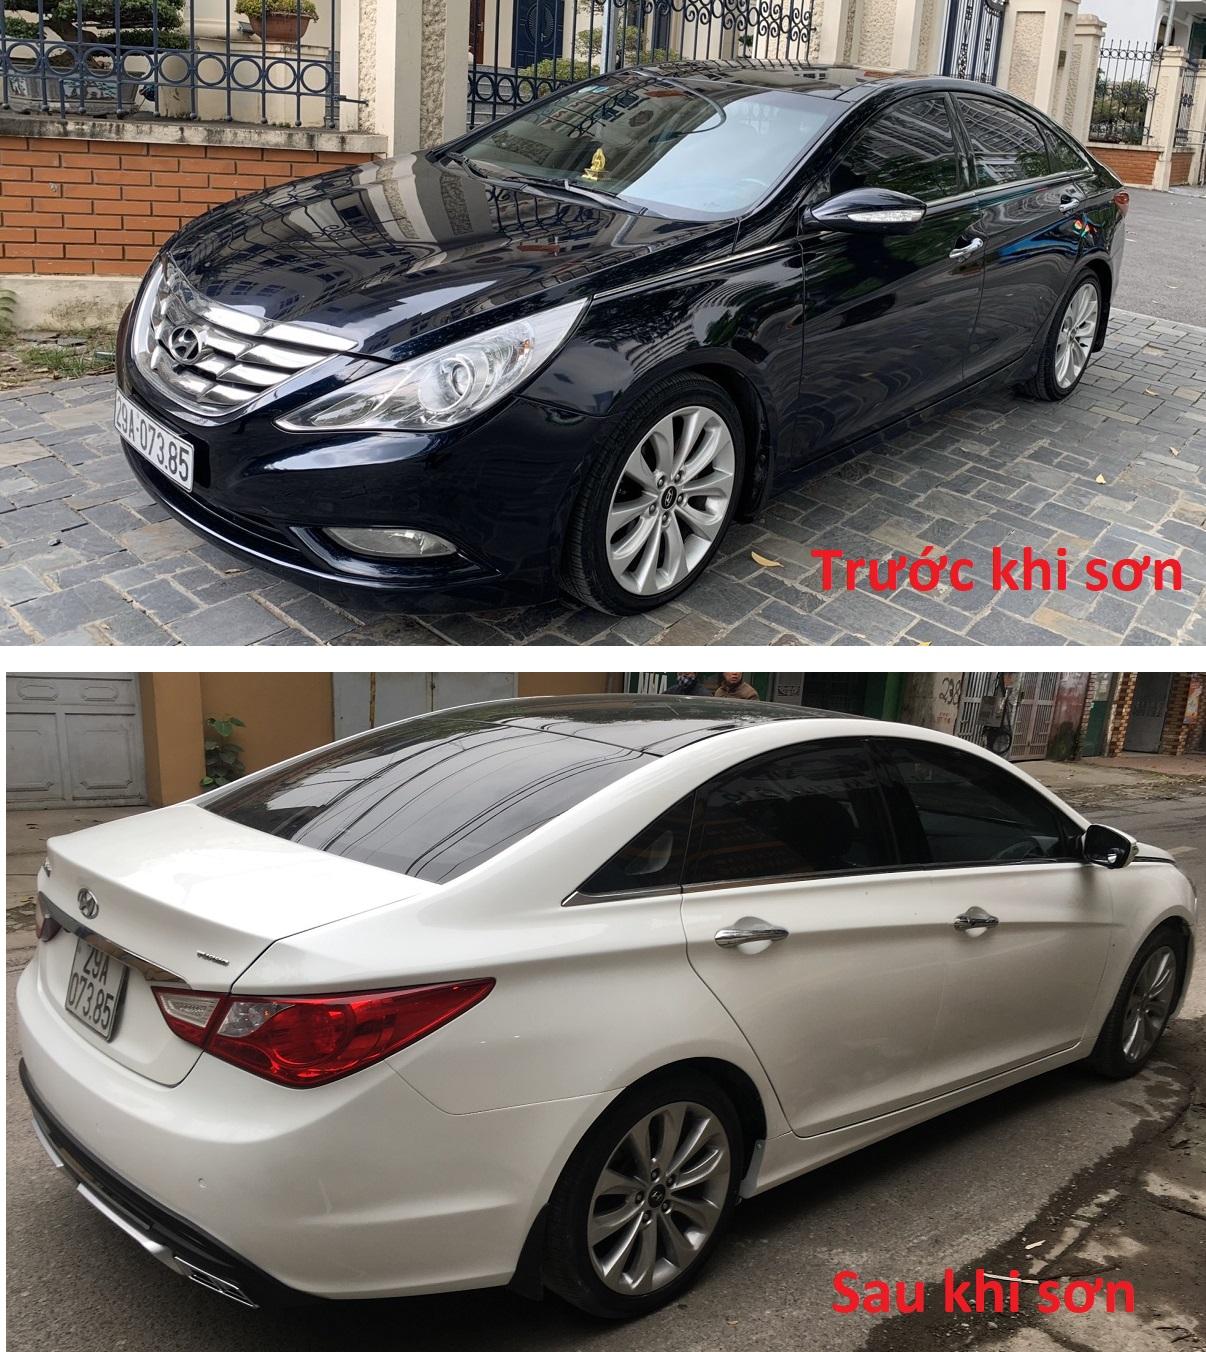 Sơn đổi màu Hyundai Sonata